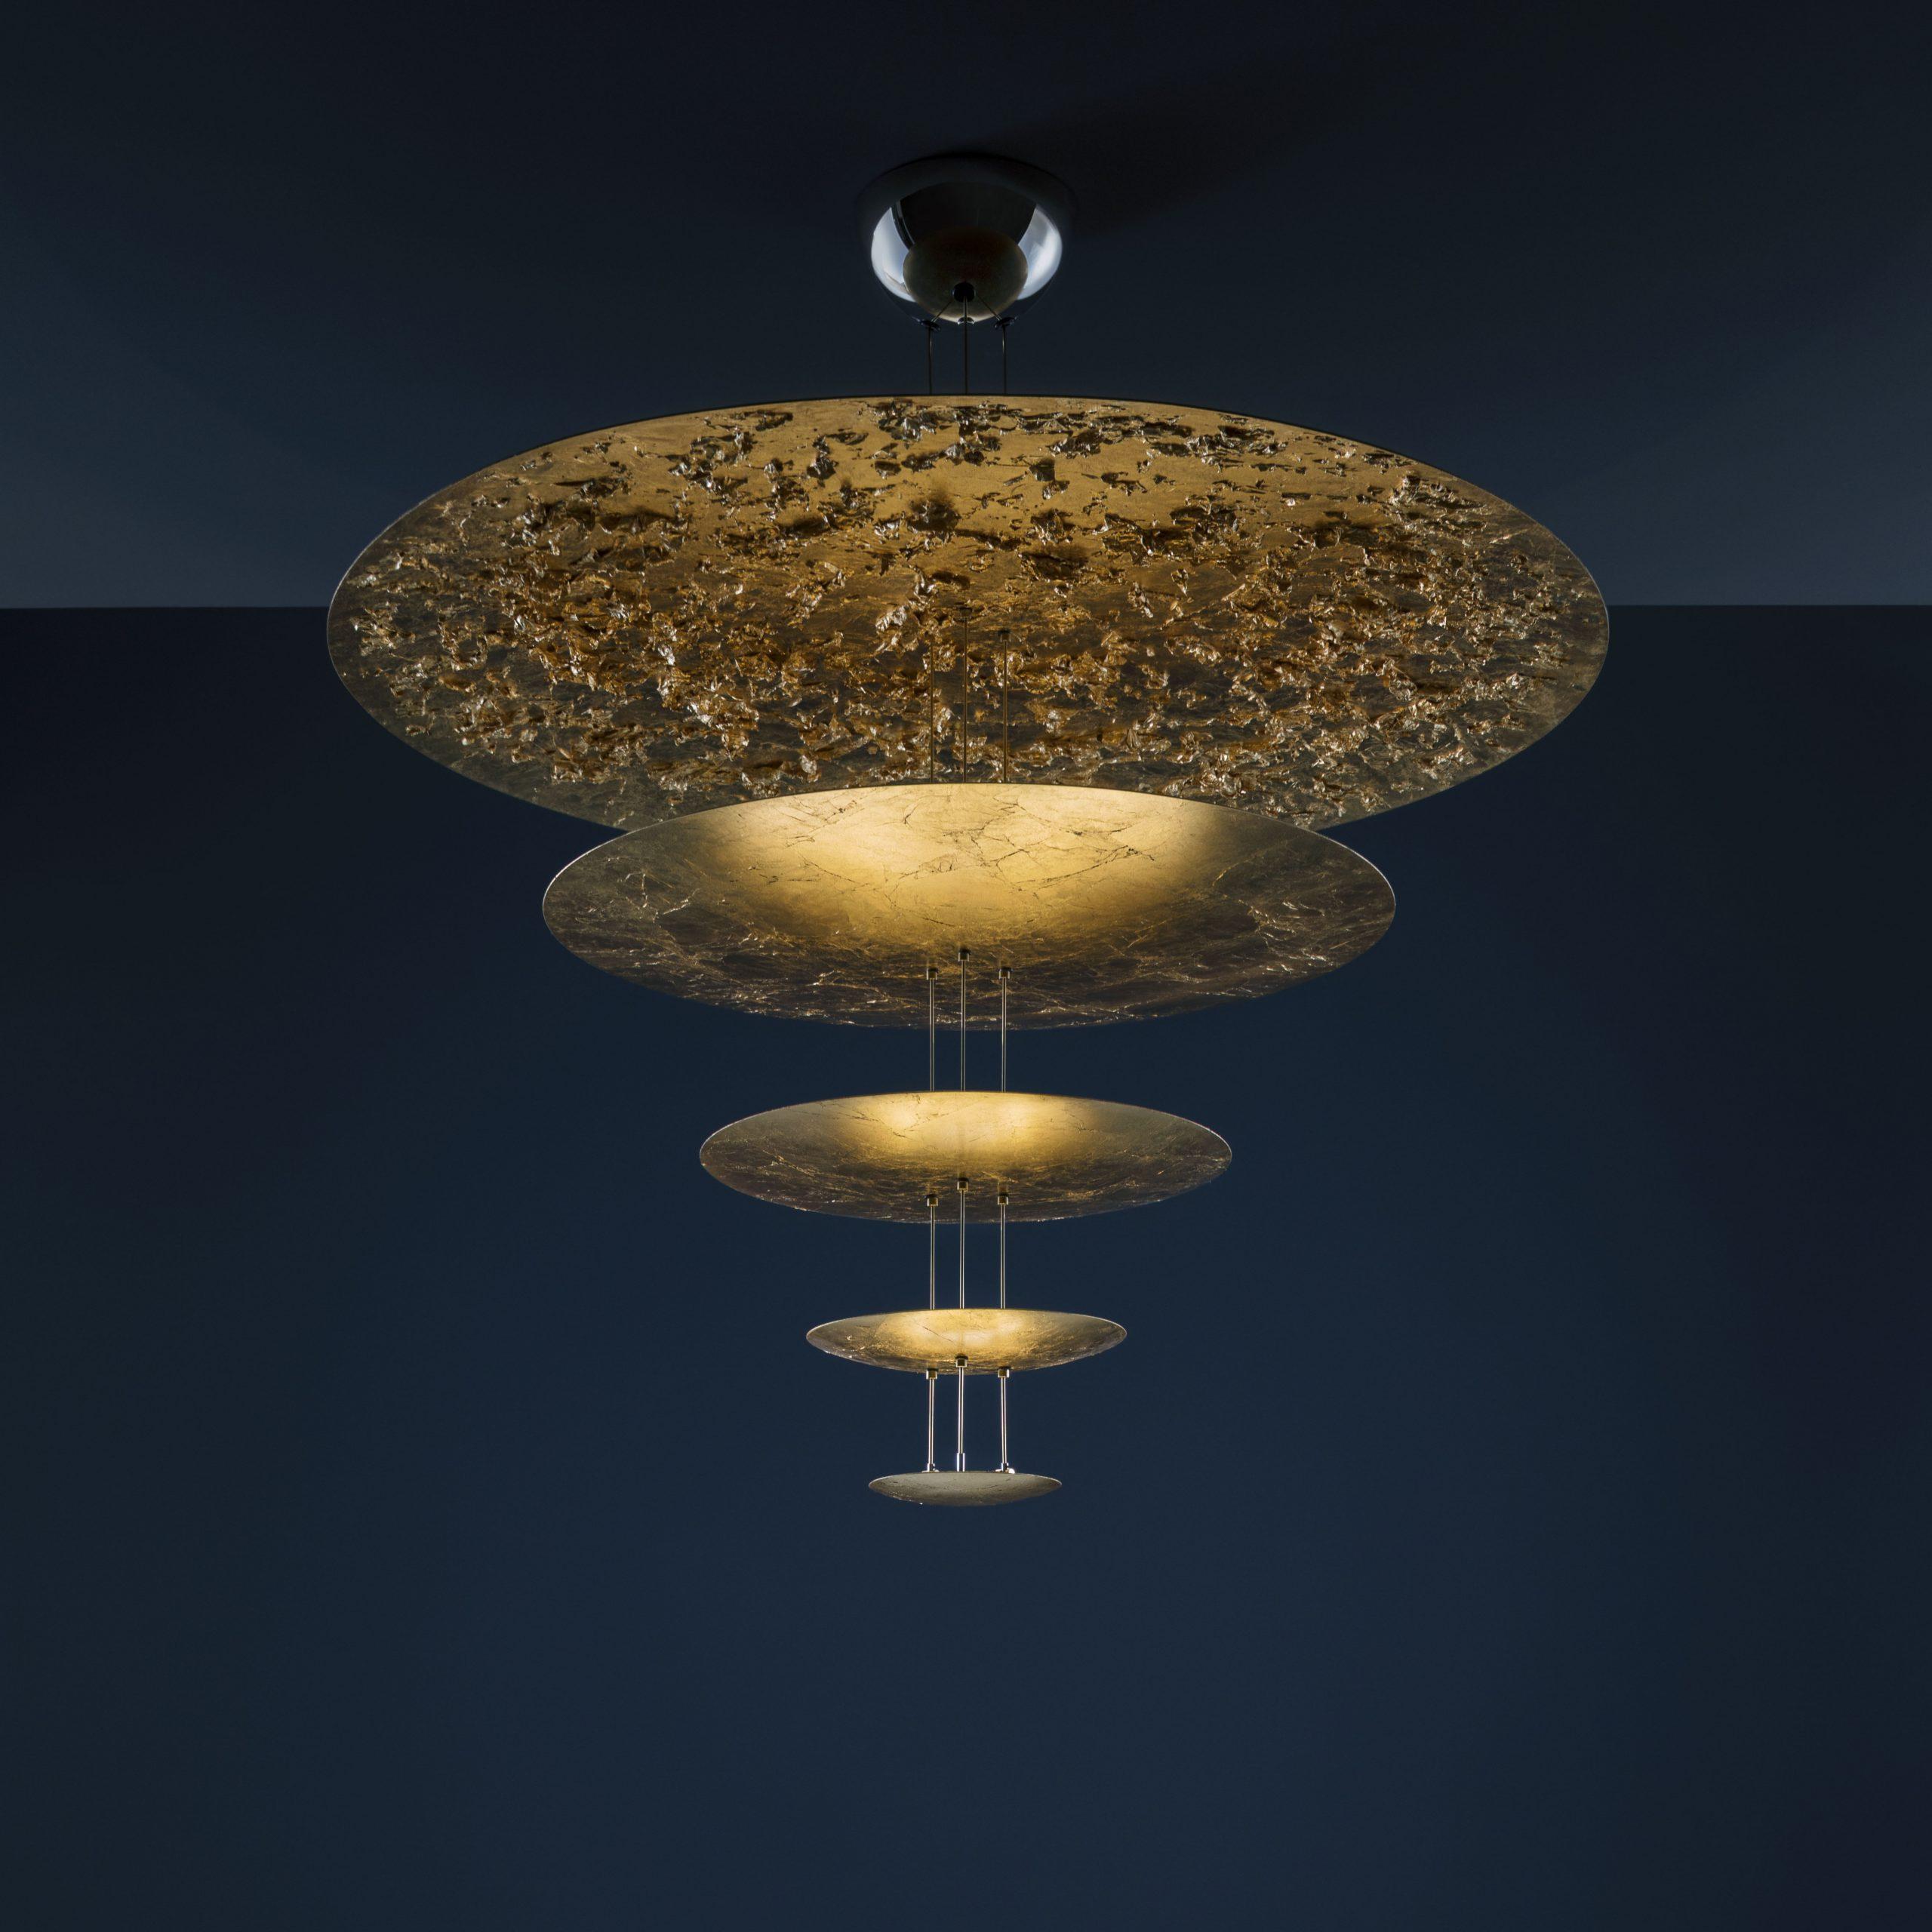 Μηχάνημα μενταγιόν Light D - / LED - Ø 120 x H 145 cm - 5 Gold δίσκοι Catellani & Smith Enzo Catellani